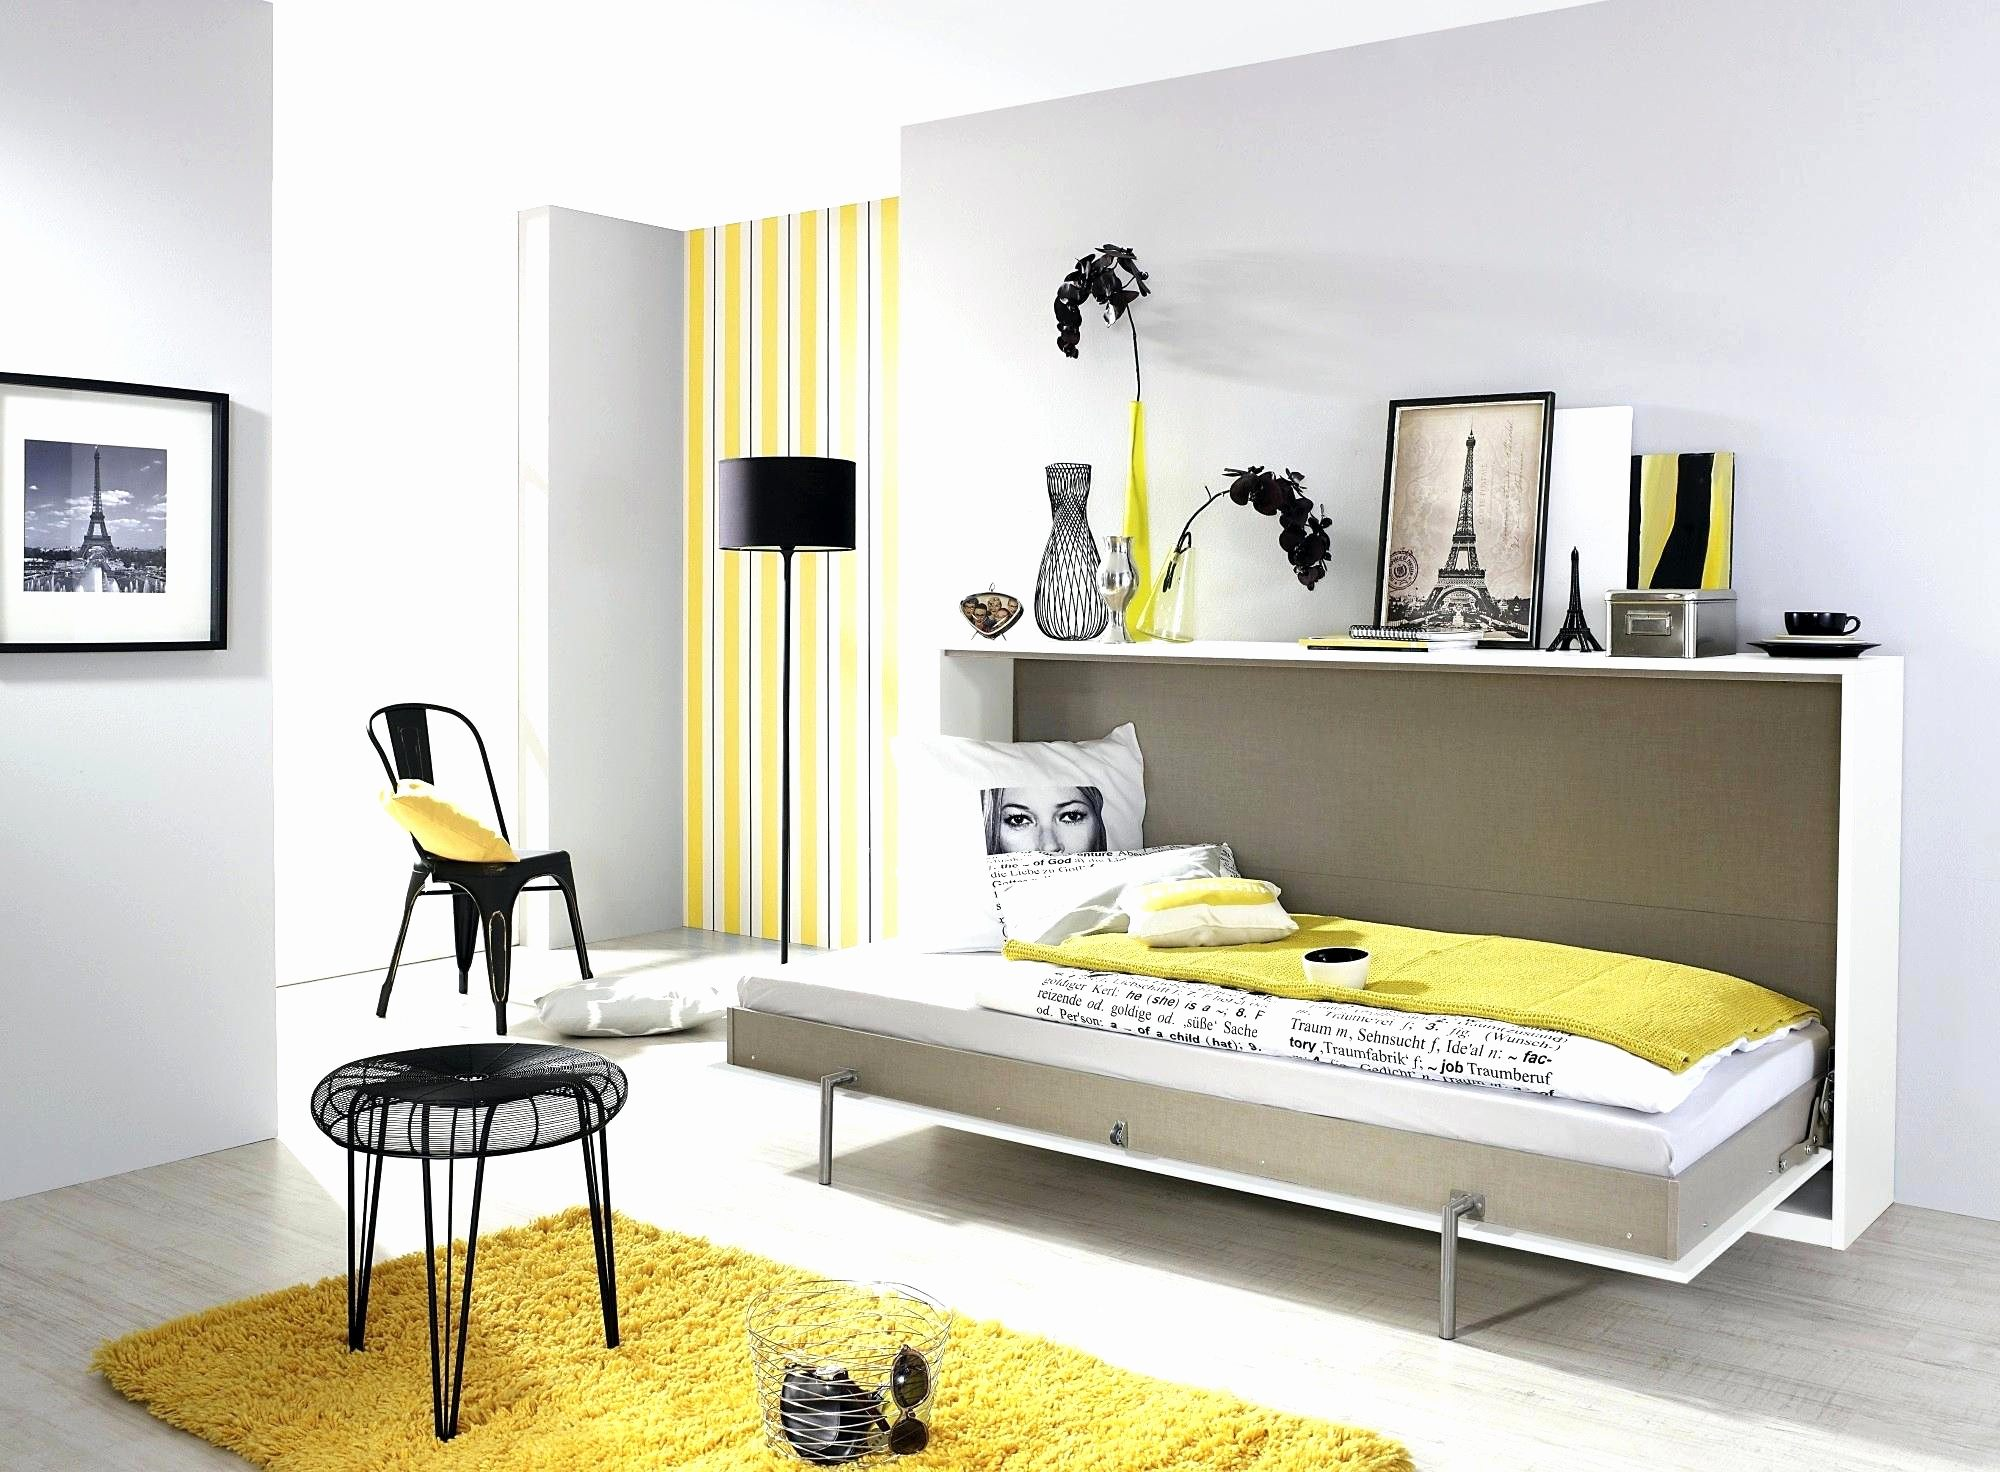 Lit Estrade Ikea Nouveau Délicieux Ikea Chambre Enfant  Lit Estrade Ikea Beau Collection